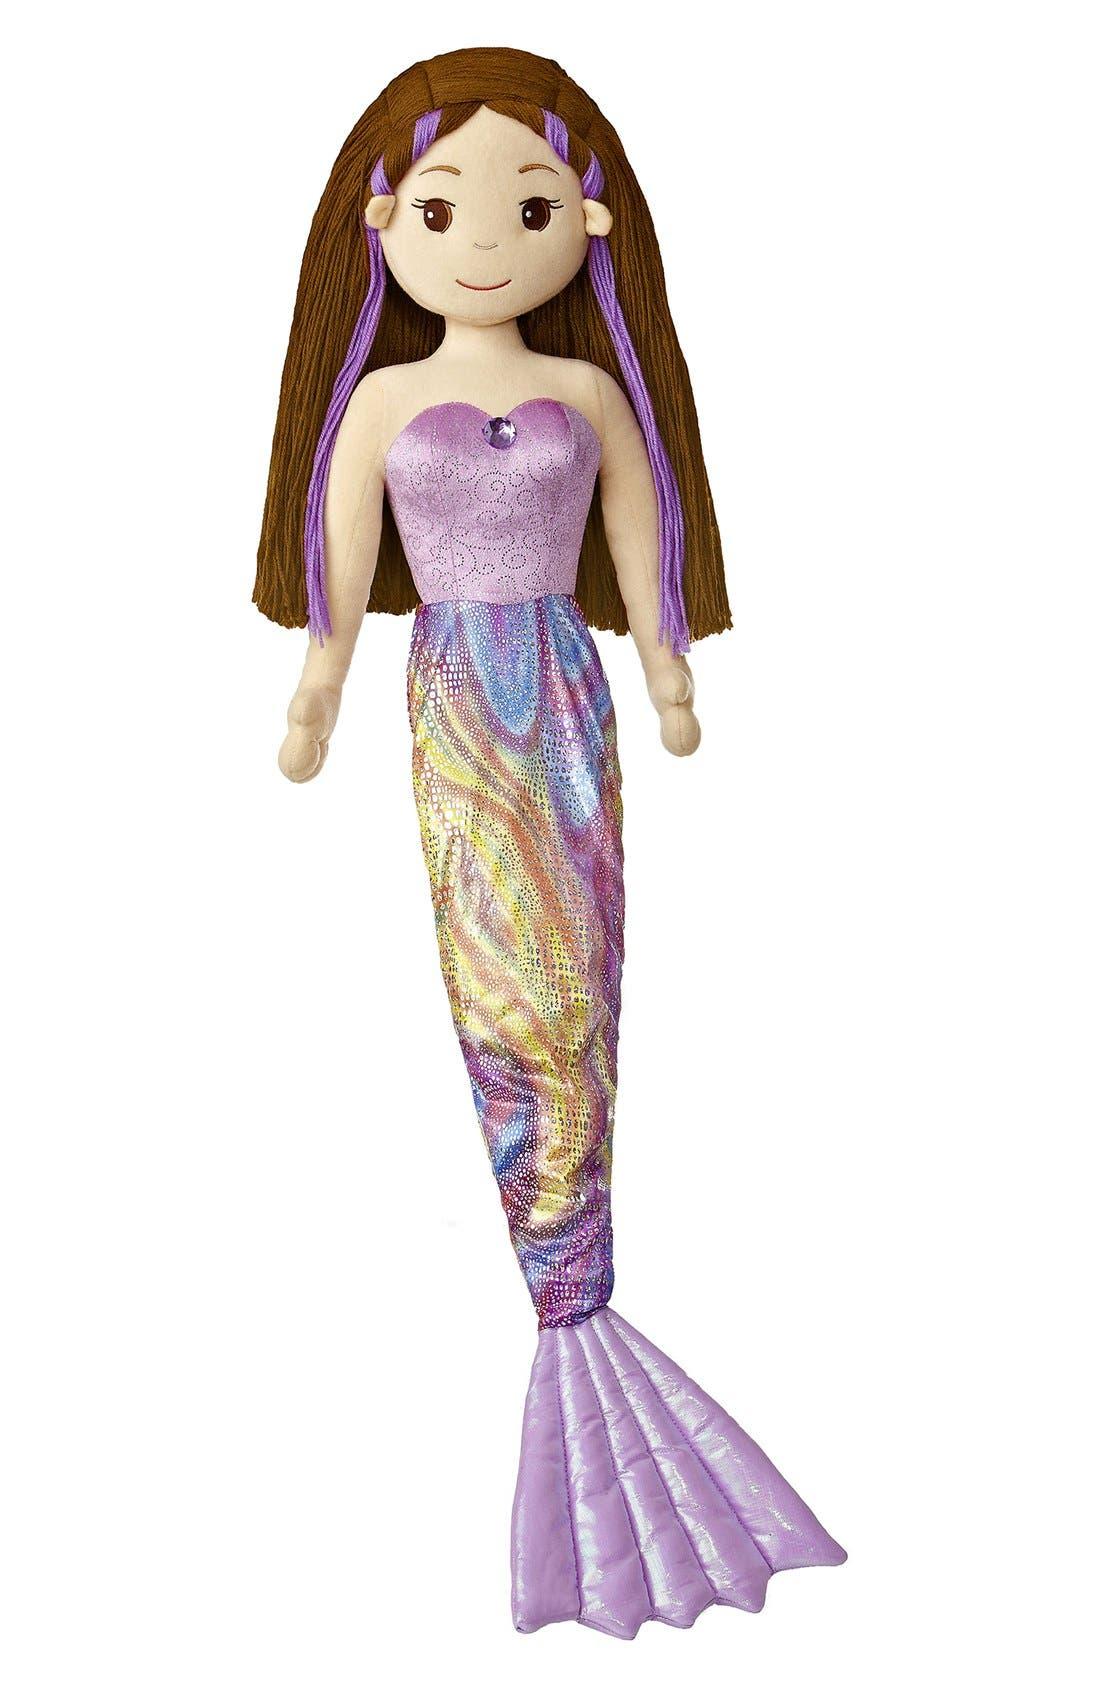 Main Image - Aurora World Toys 'Merissa' Stuffed Doll